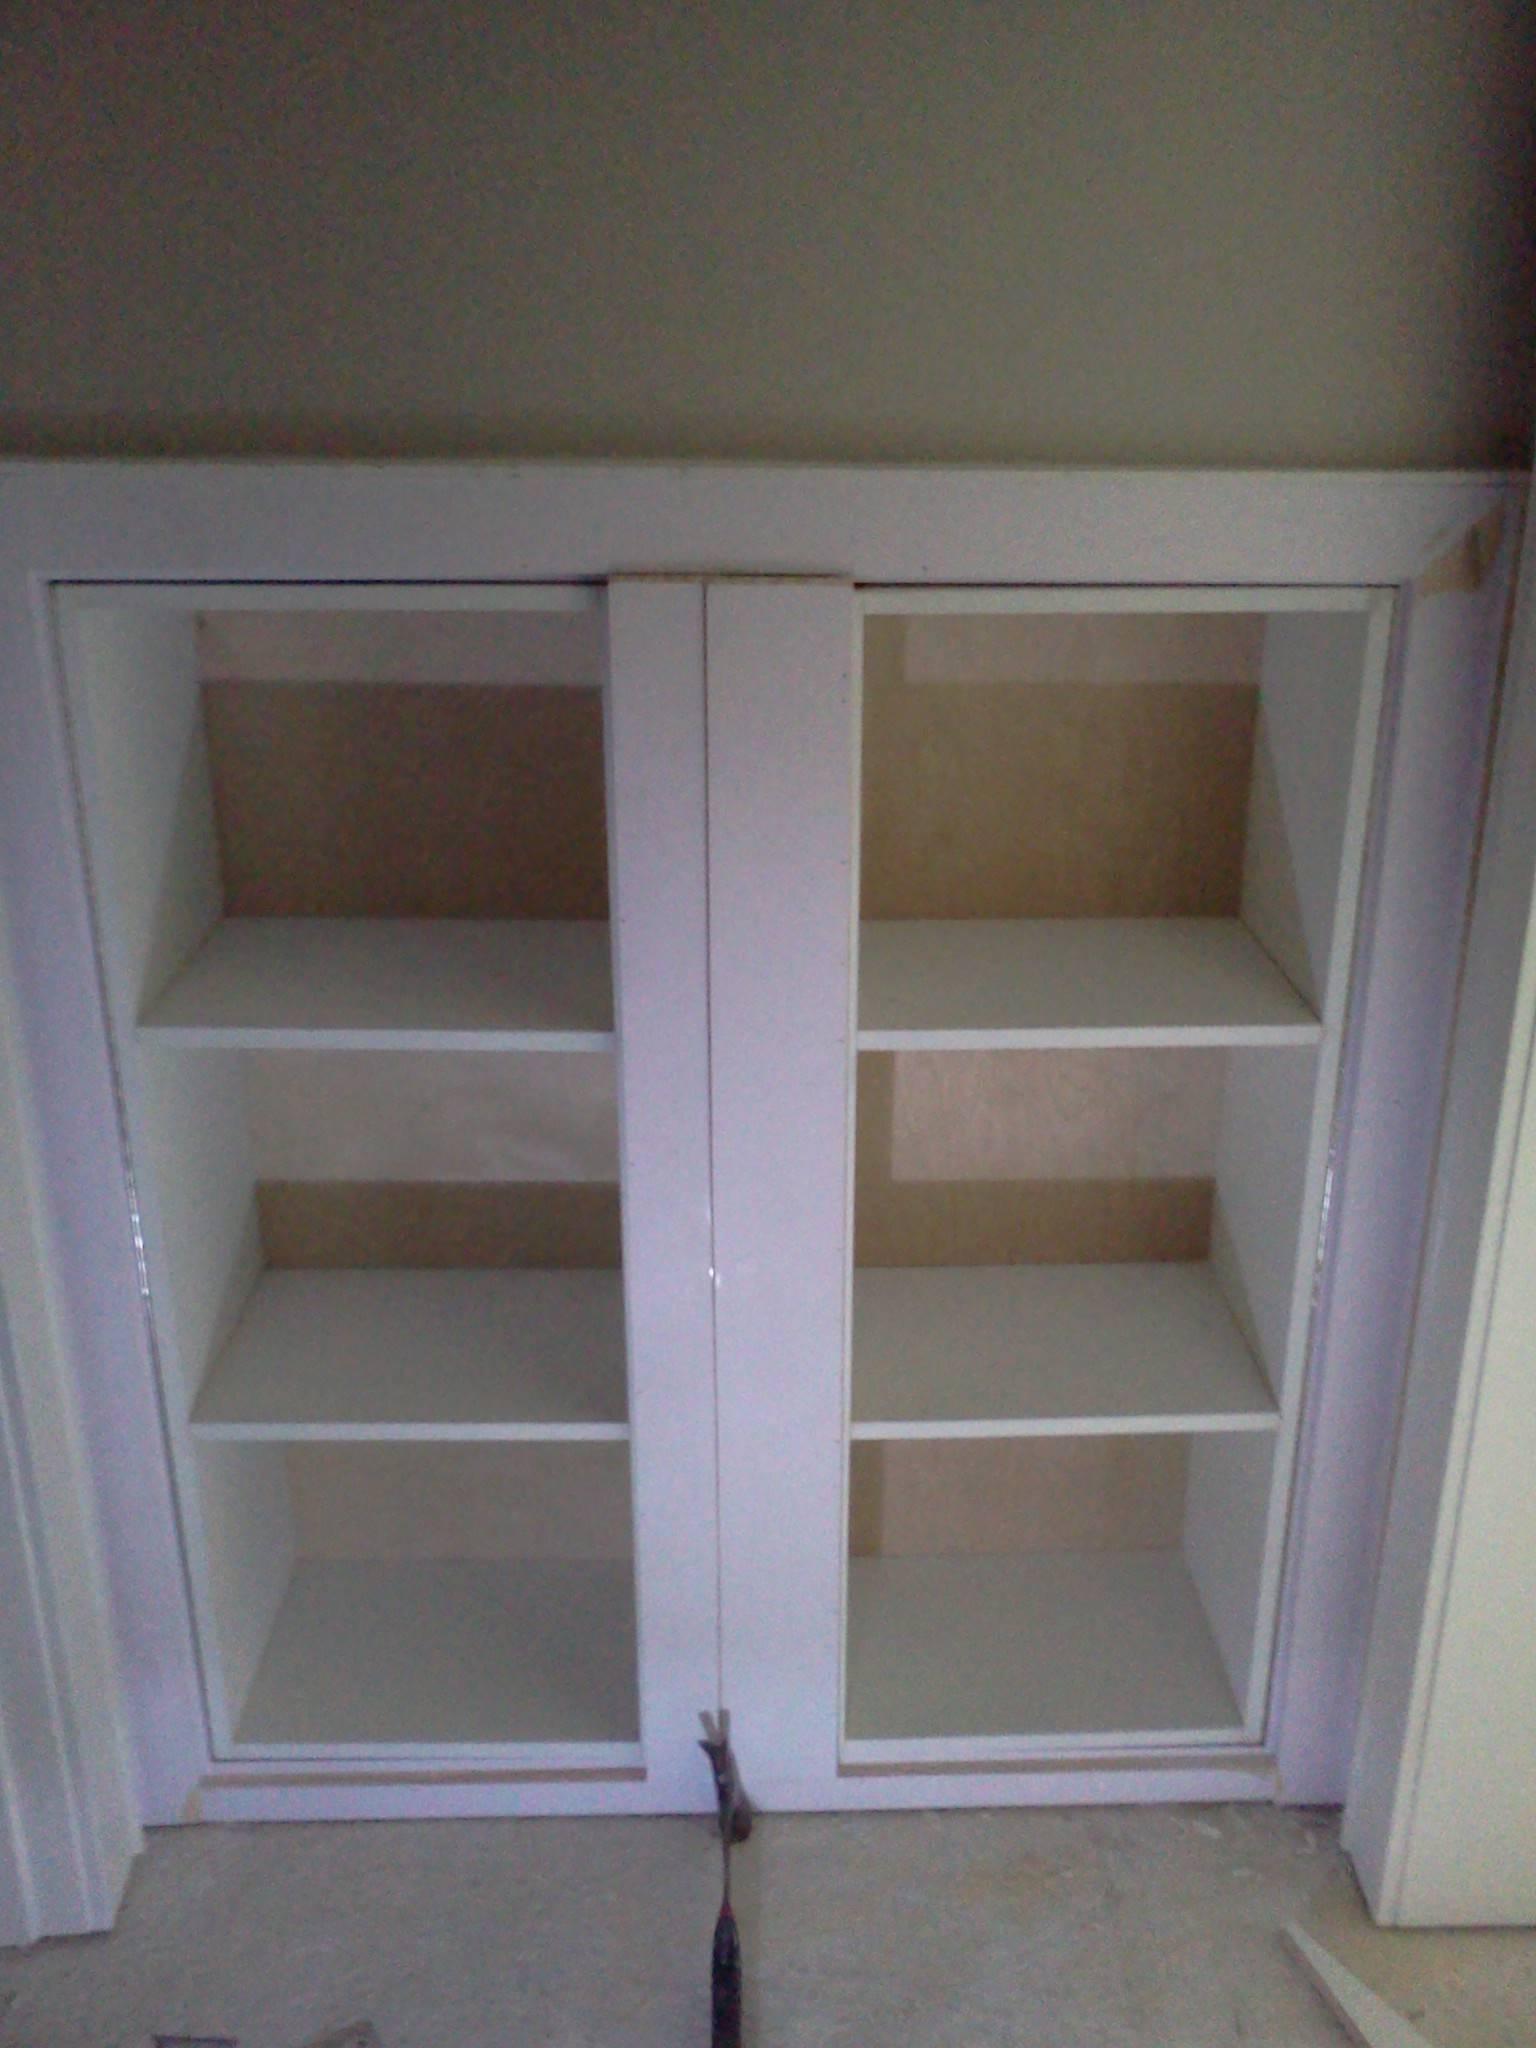 Shelf Doors